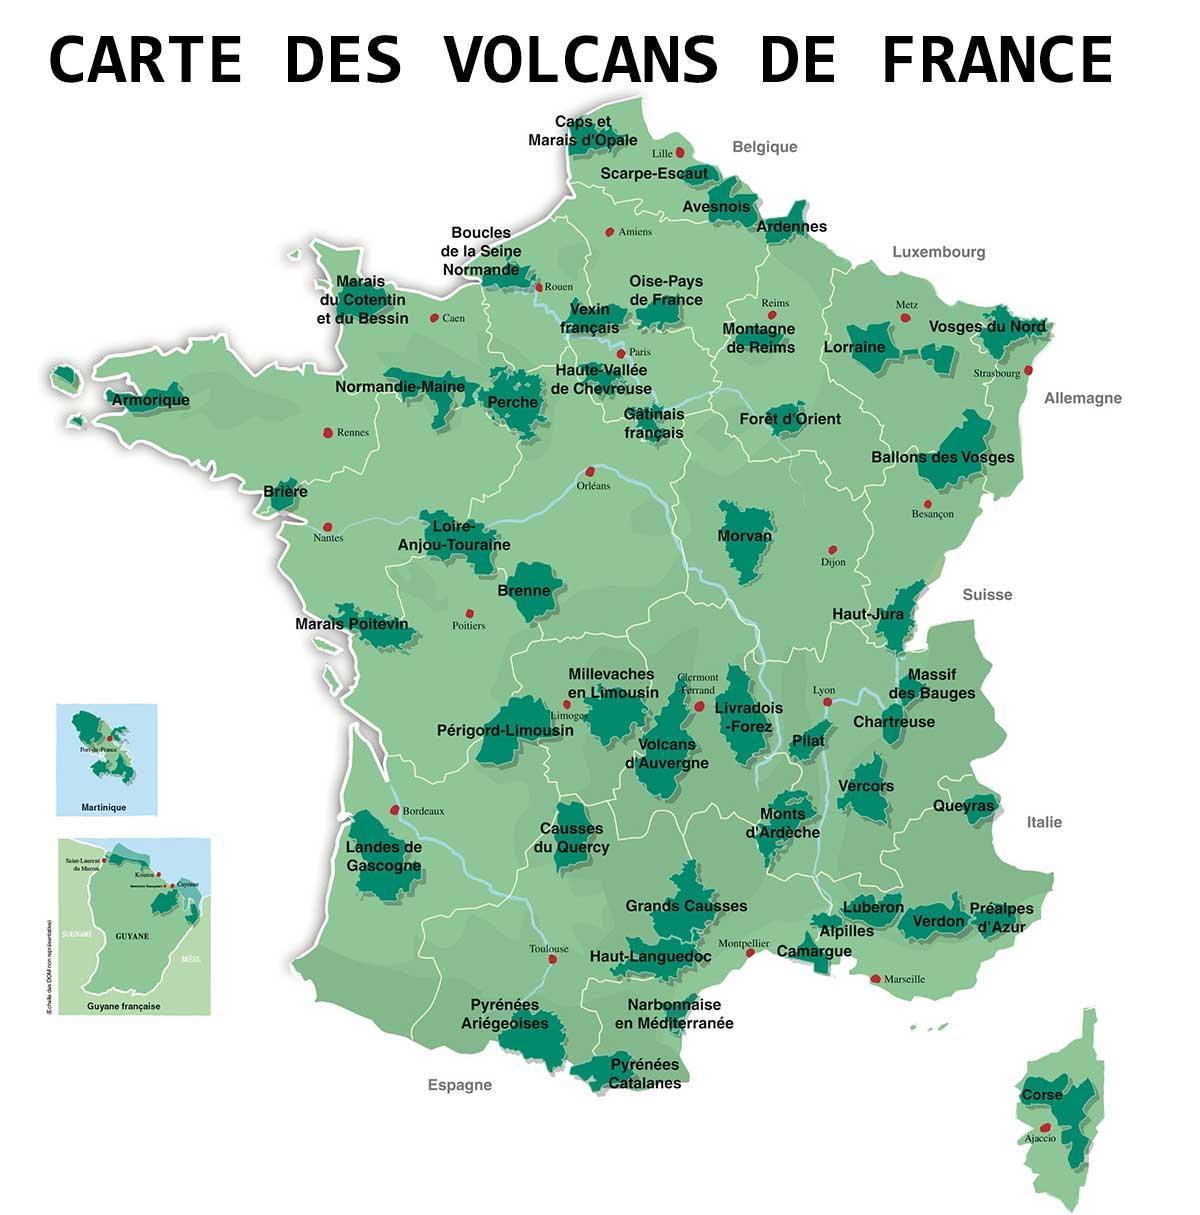 Carte des volcans en France » Vacances - Guide Voyage